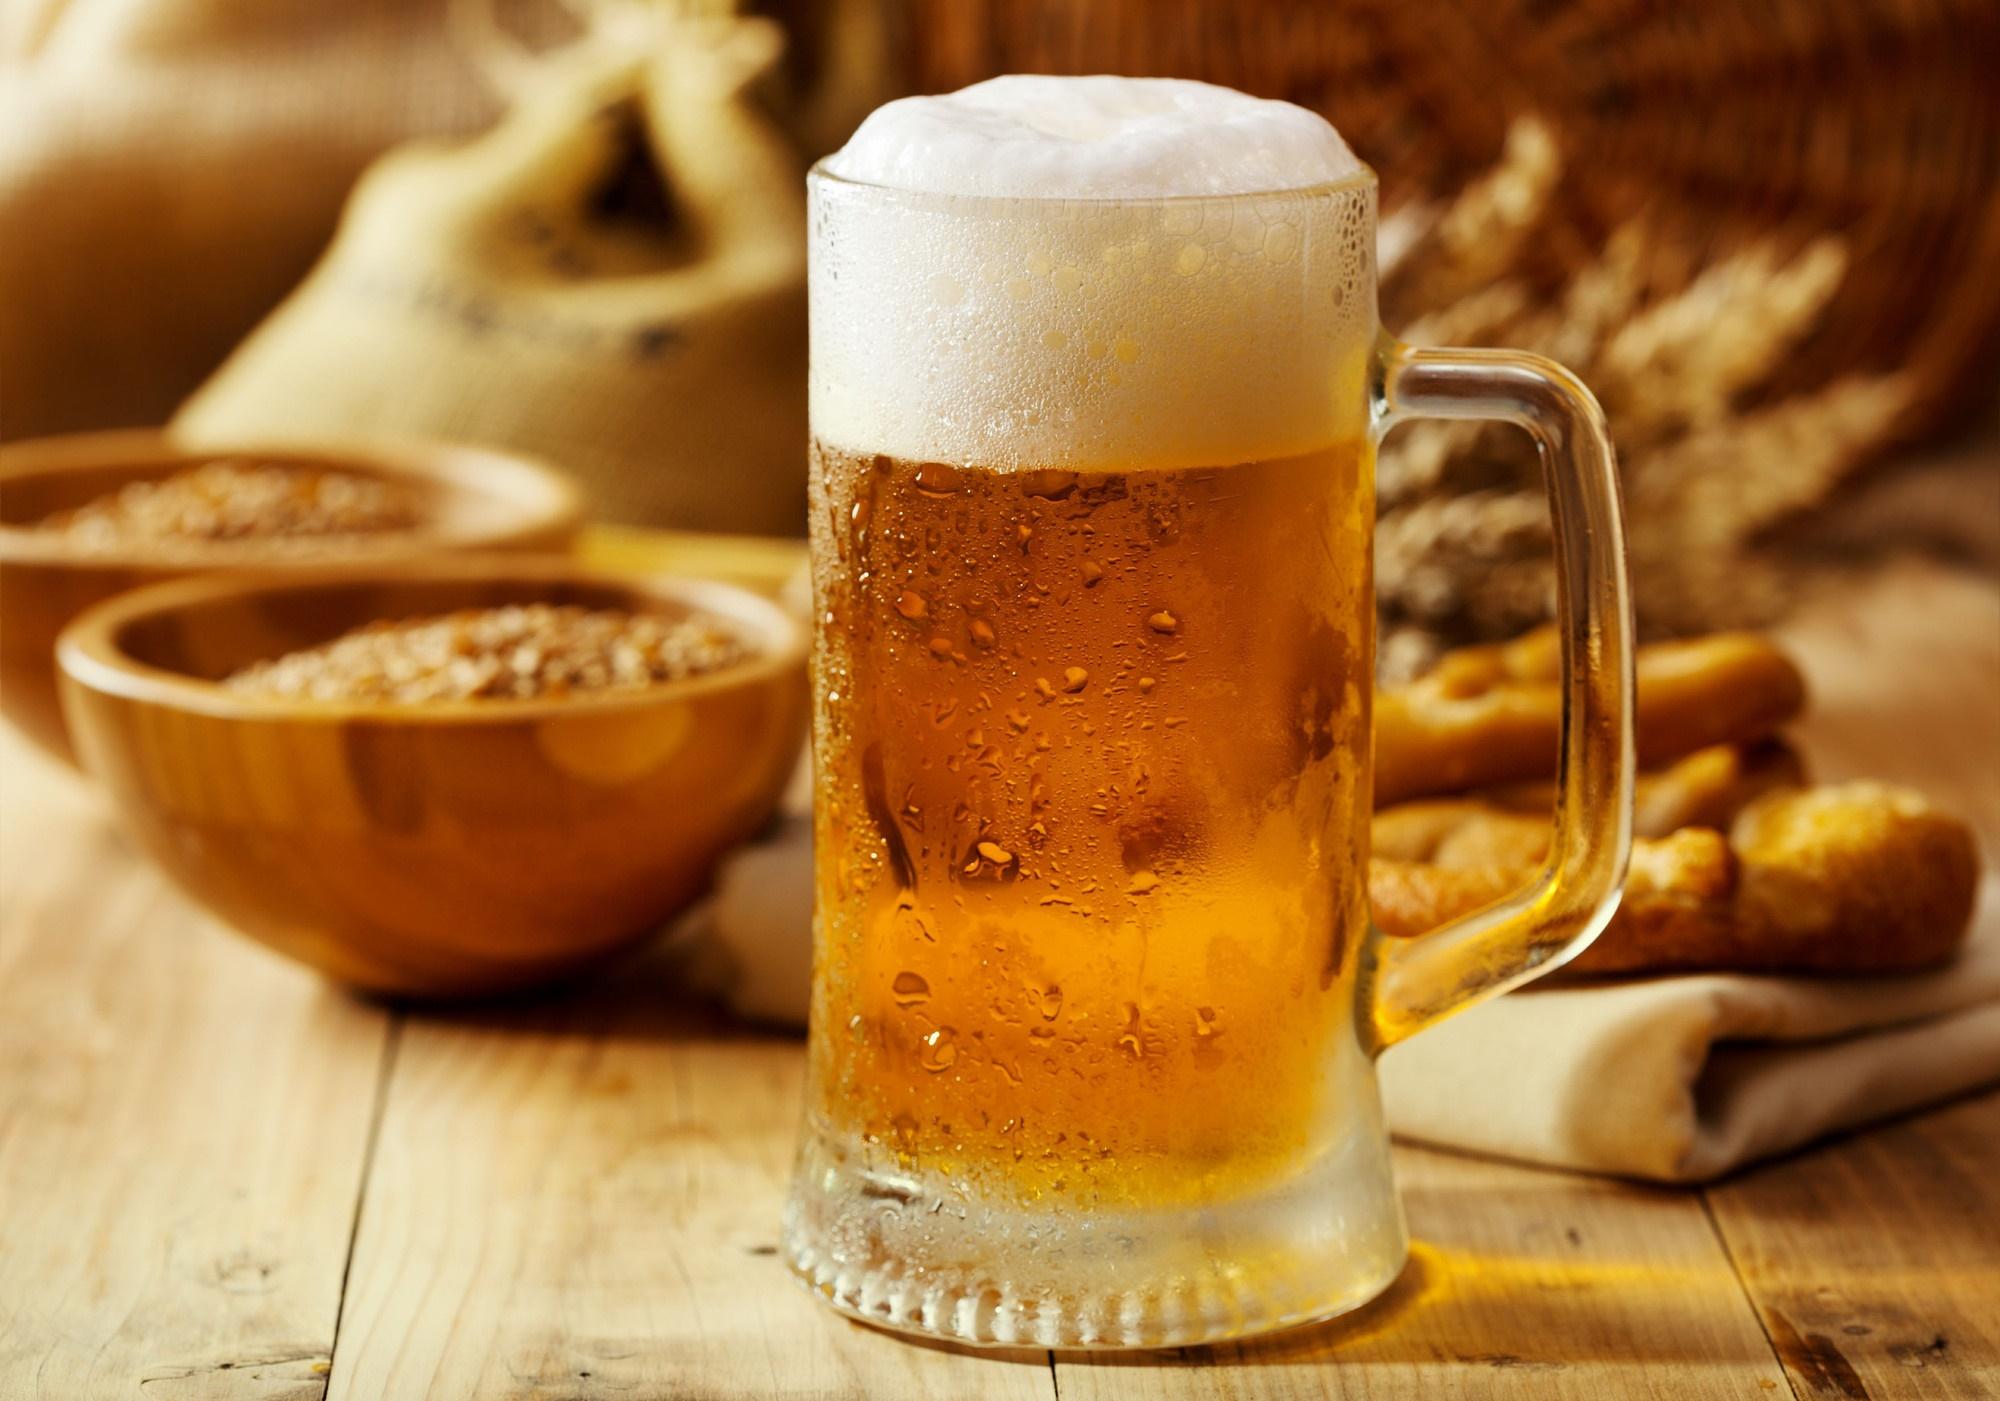 华润啤酒(00291.HK)业绩会纪要:量价承压